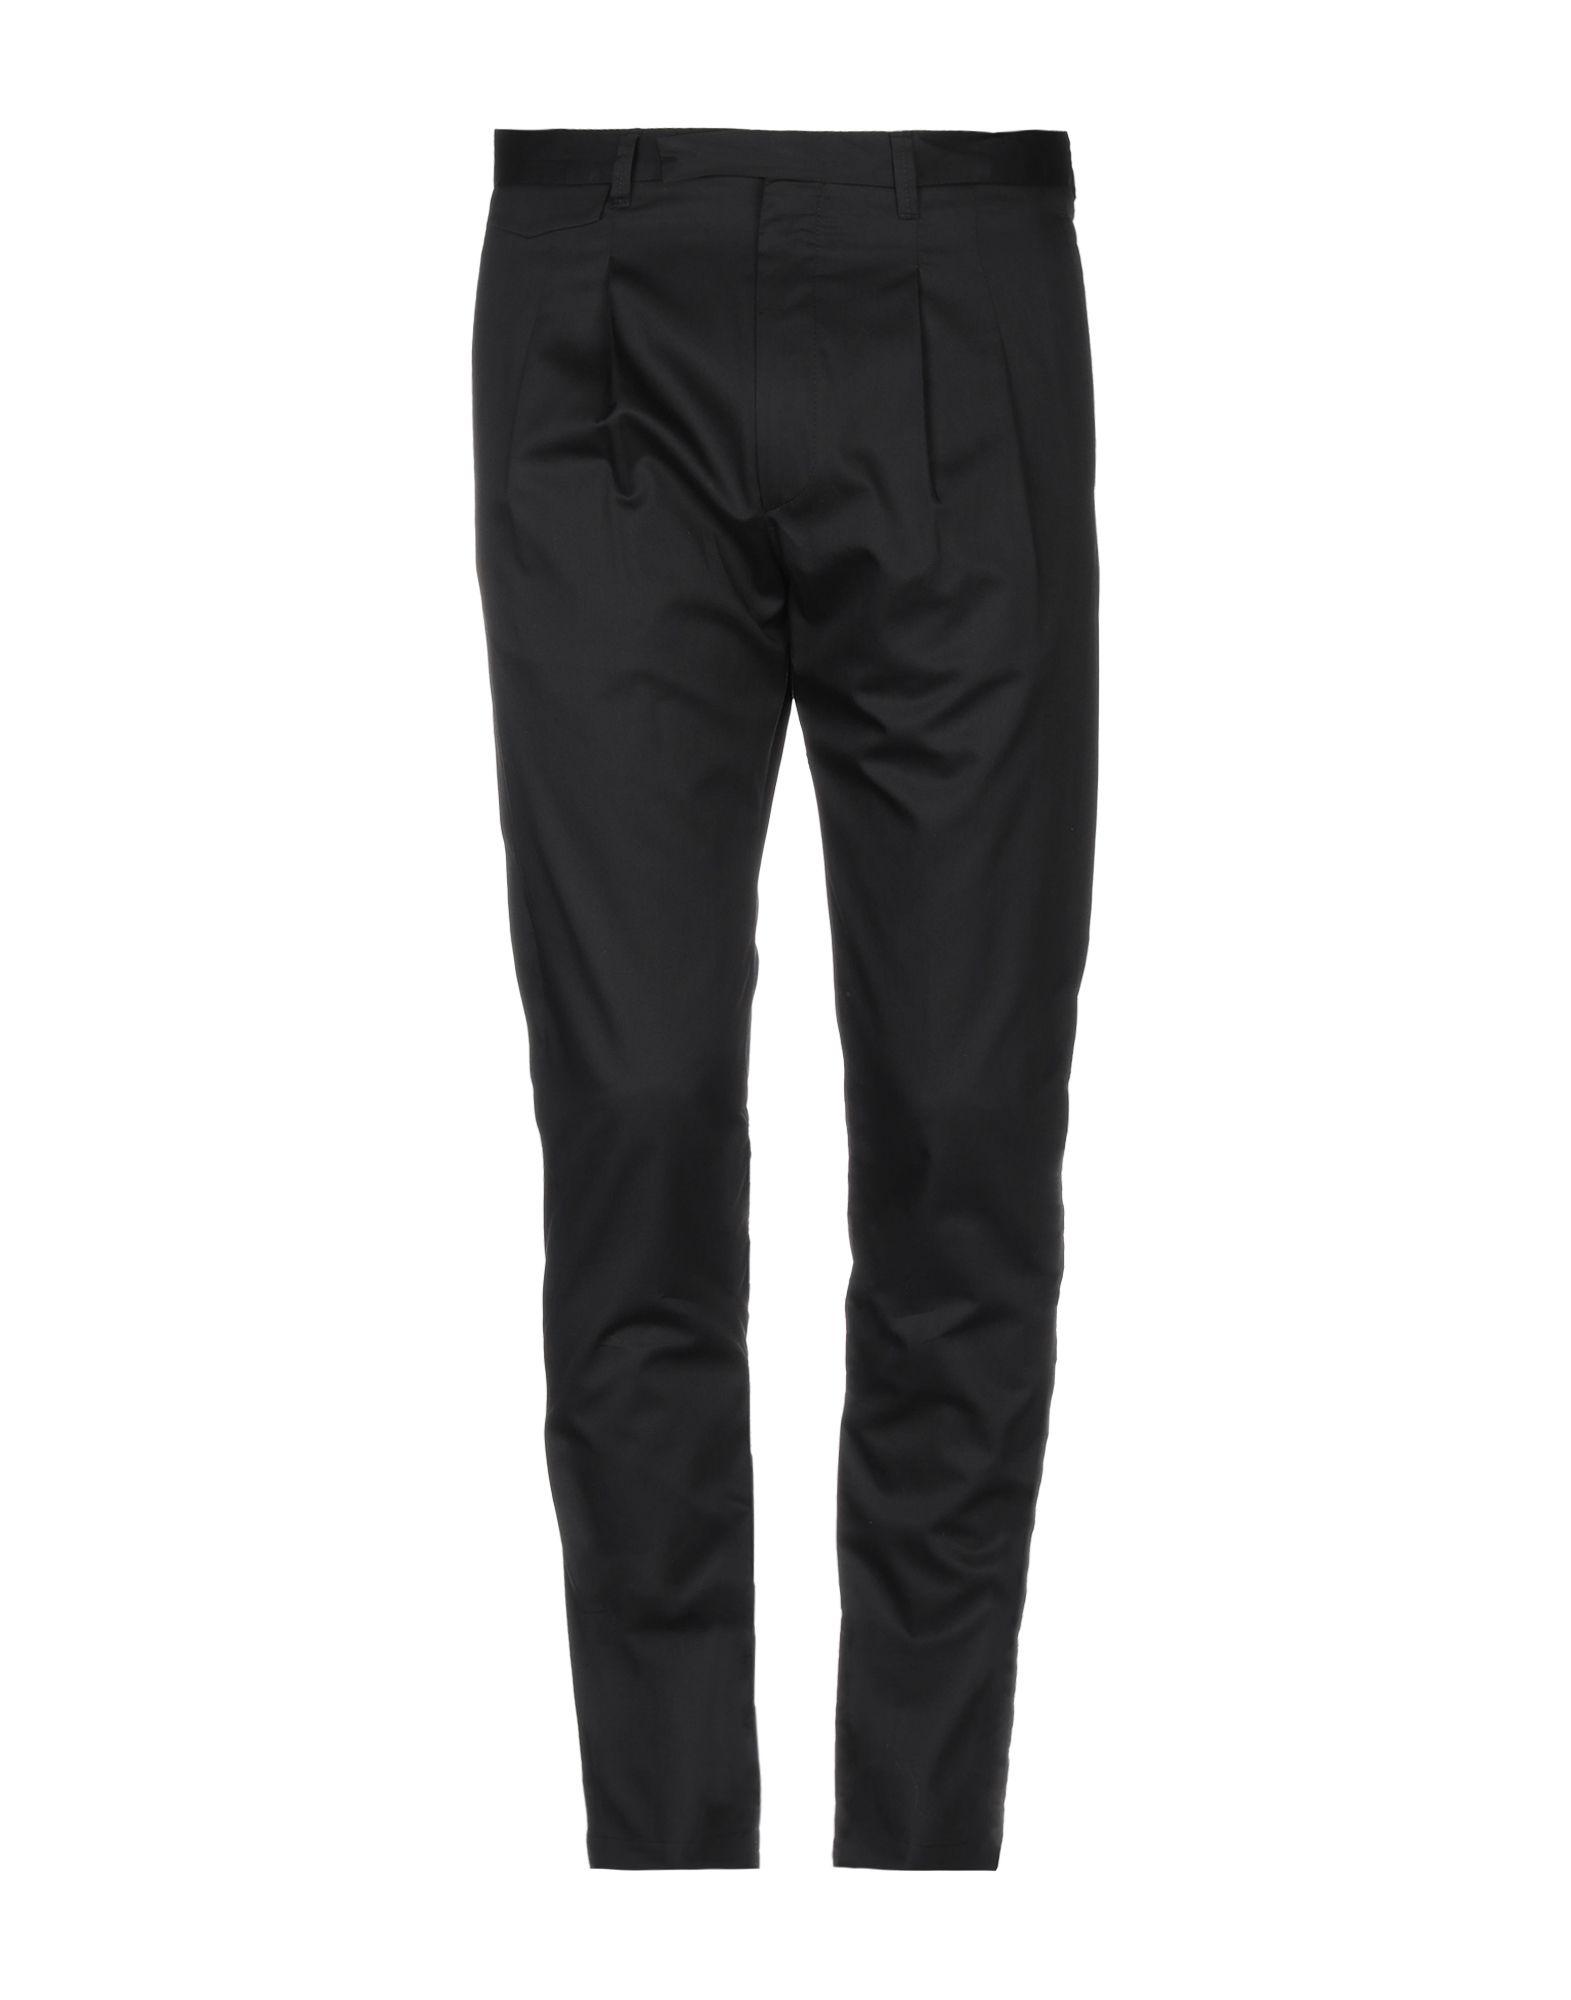 《送料無料》TREND CORNELIANI メンズ パンツ ブラック 48 コットン 100%